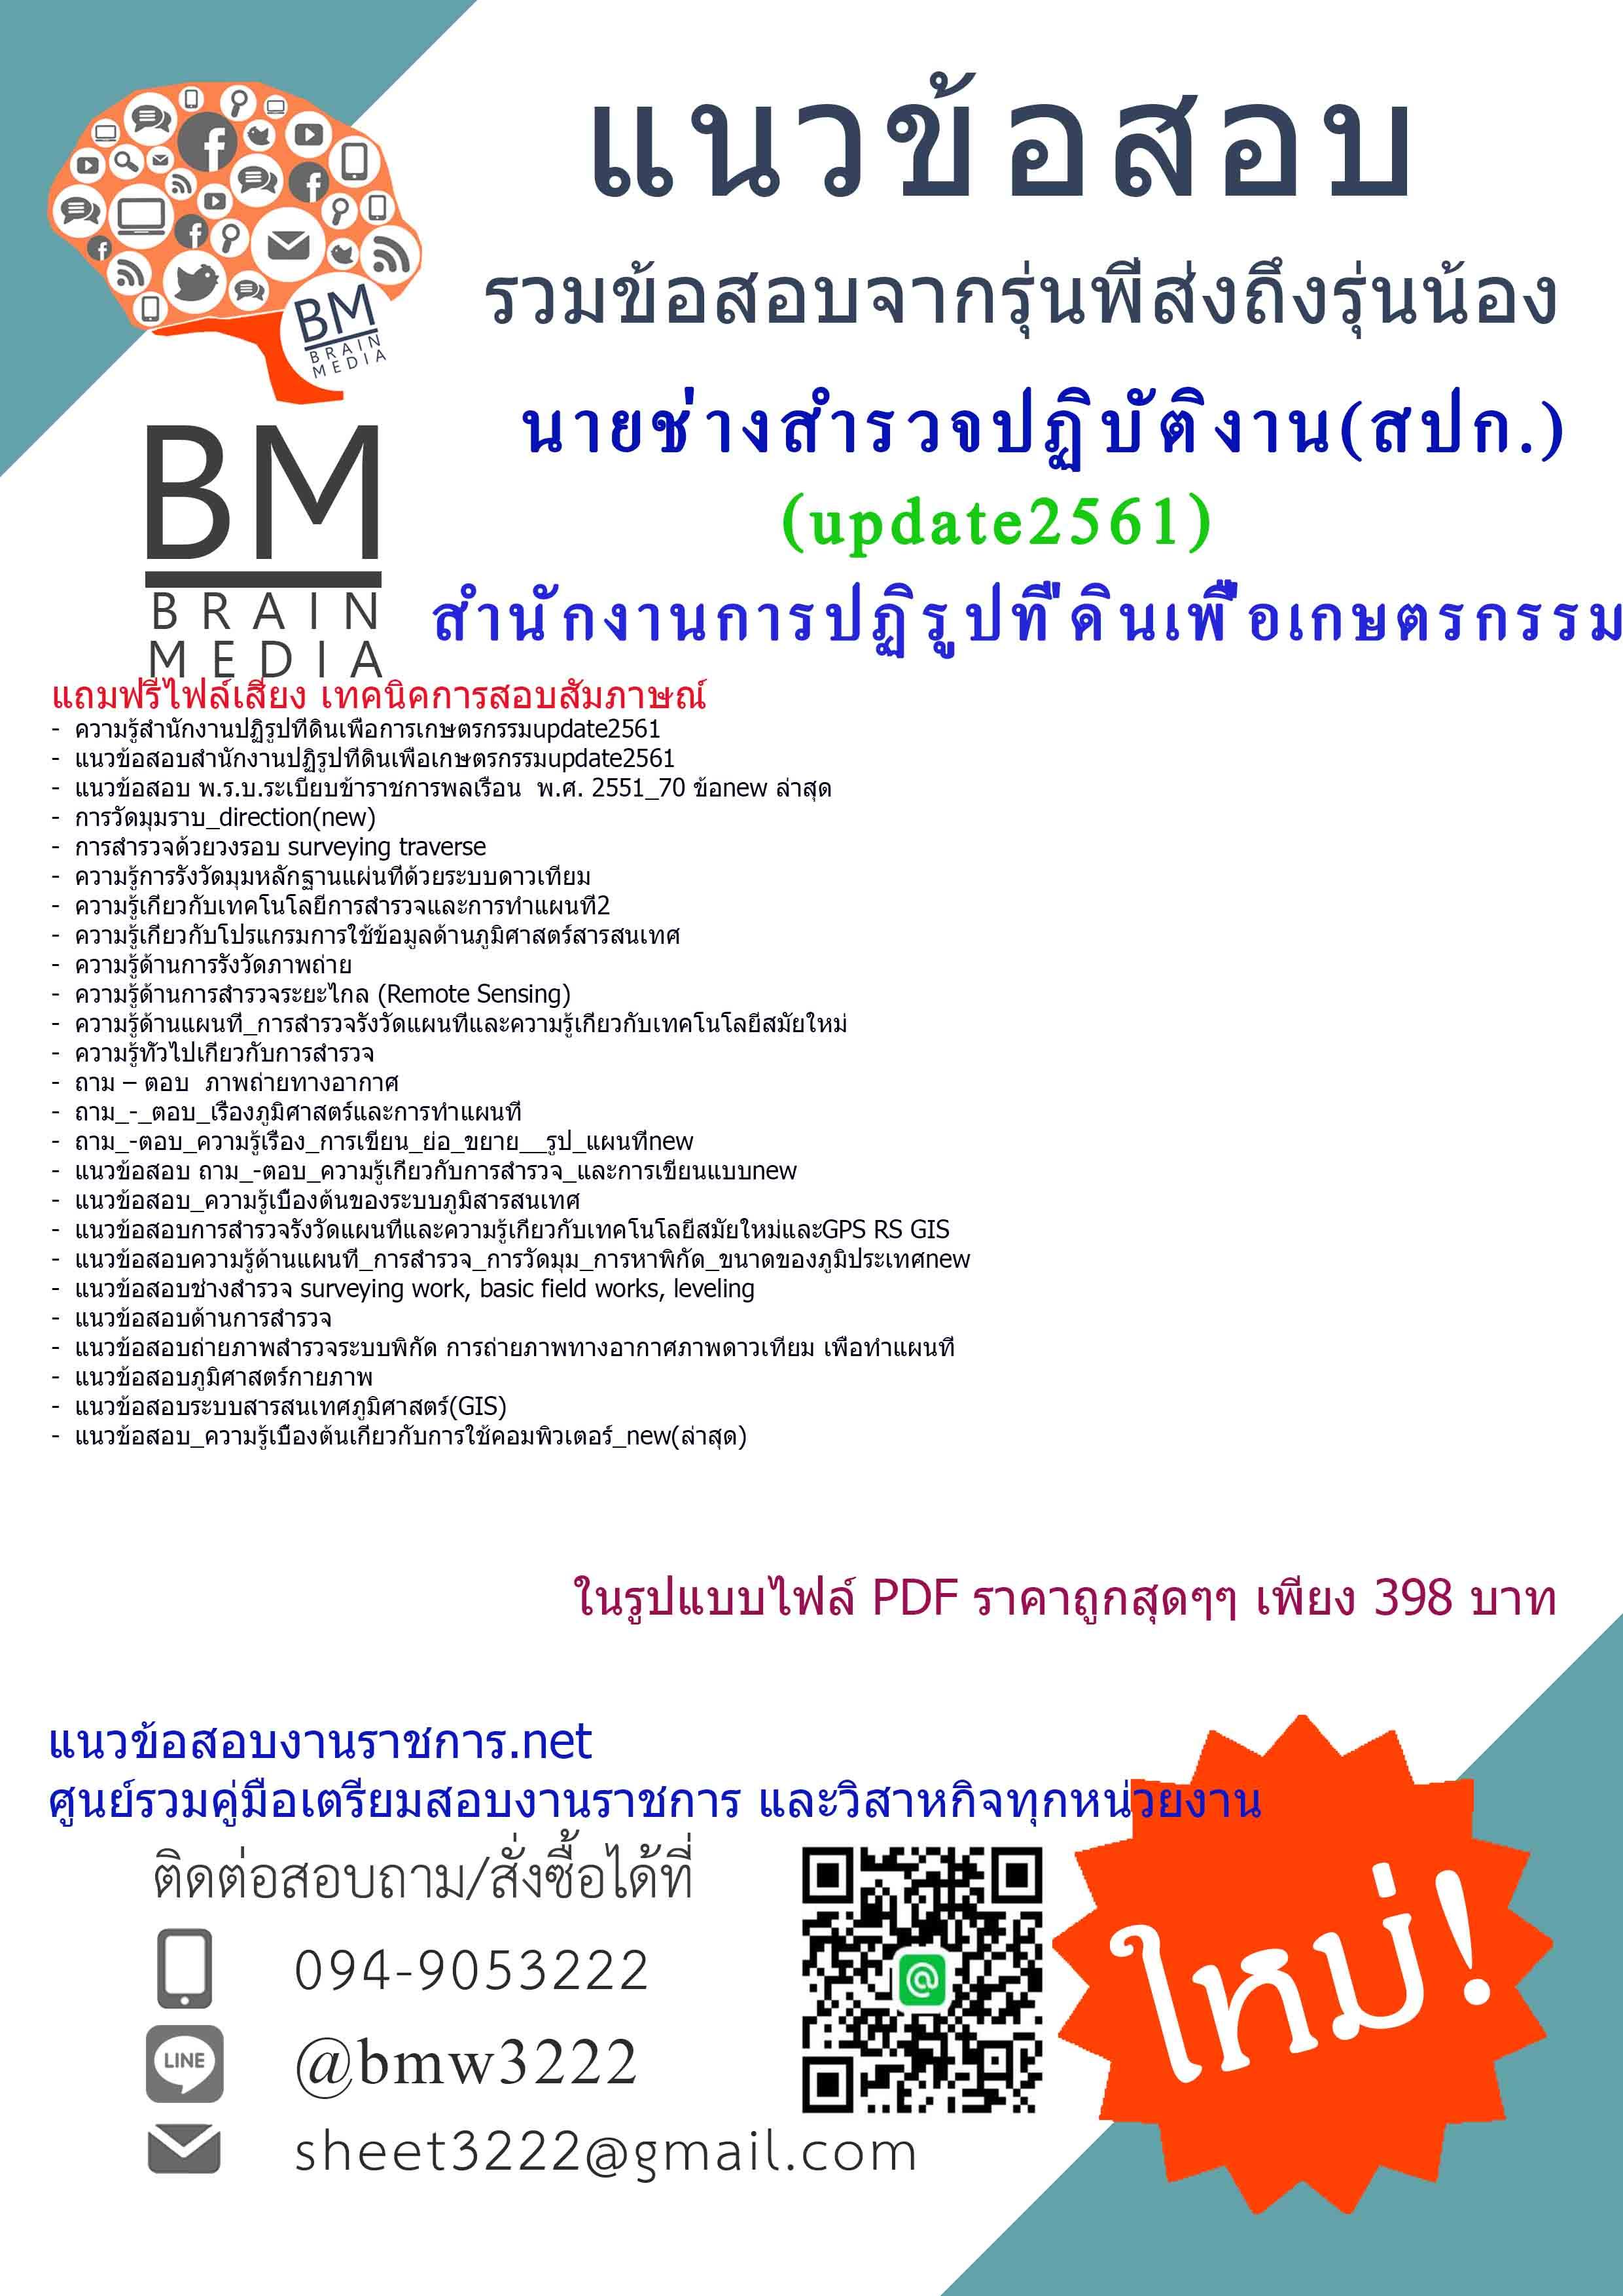 (((newupdateที่สุด)))แนวข้อสอบนายช่างสำรวจปฏิบัติงานสำนักงานการปฏิรูปที่ดินเพื่อเกษตรกรรม2561(สปก.)